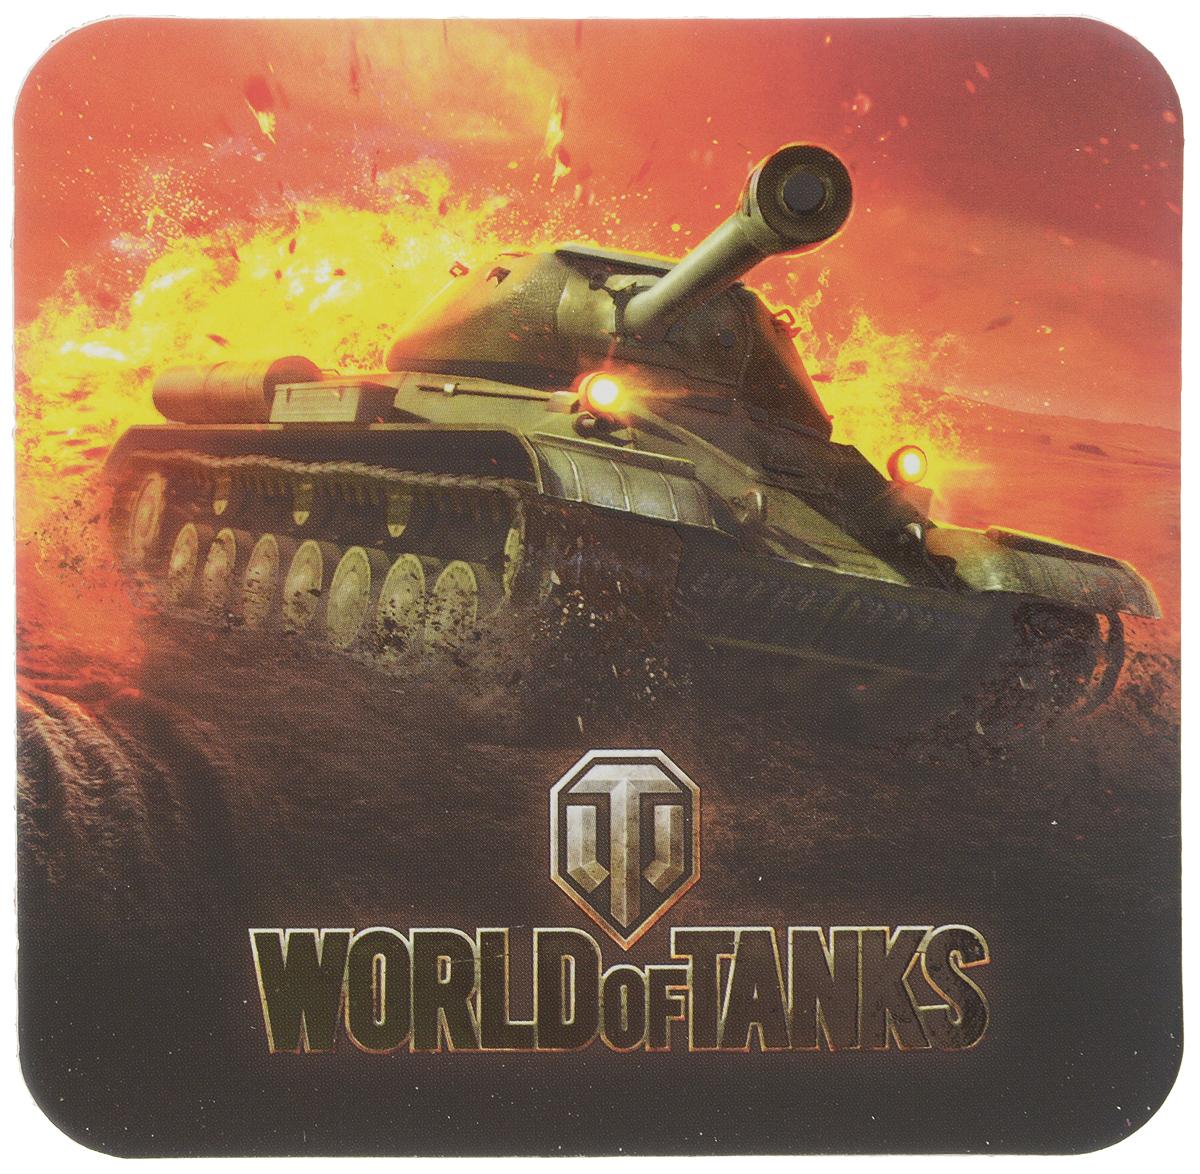 Костер пробковый World of Tanks, 10 х 10 см1501Костер пробковый World of Tanks - это оригинальная, не впитывающая влагу подставка под стакан или кружку с любимым напитком. Пробковое основание защитит от скольжения, а логотип World of Tanks будет отлично смотреться на столе любого игрока. Изделие имеет матовую одностороннюю ламинацию с выборочным УФ-лаком, который выделяет отдельные фрагменты изображения.